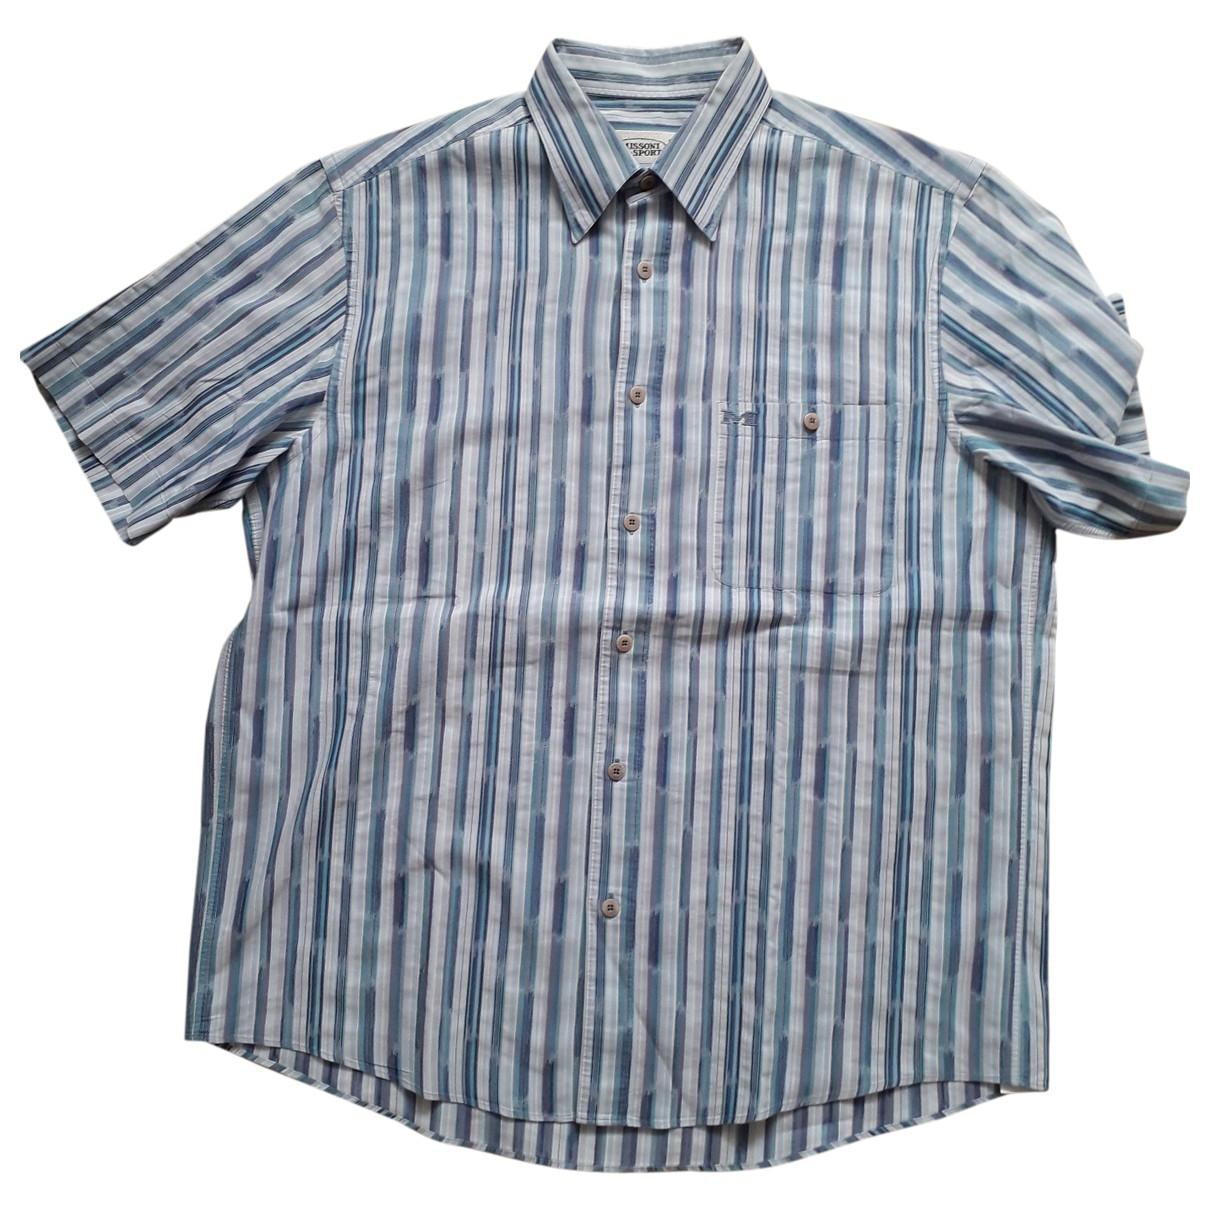 Missoni \N Hemden in  Blau Baumwolle